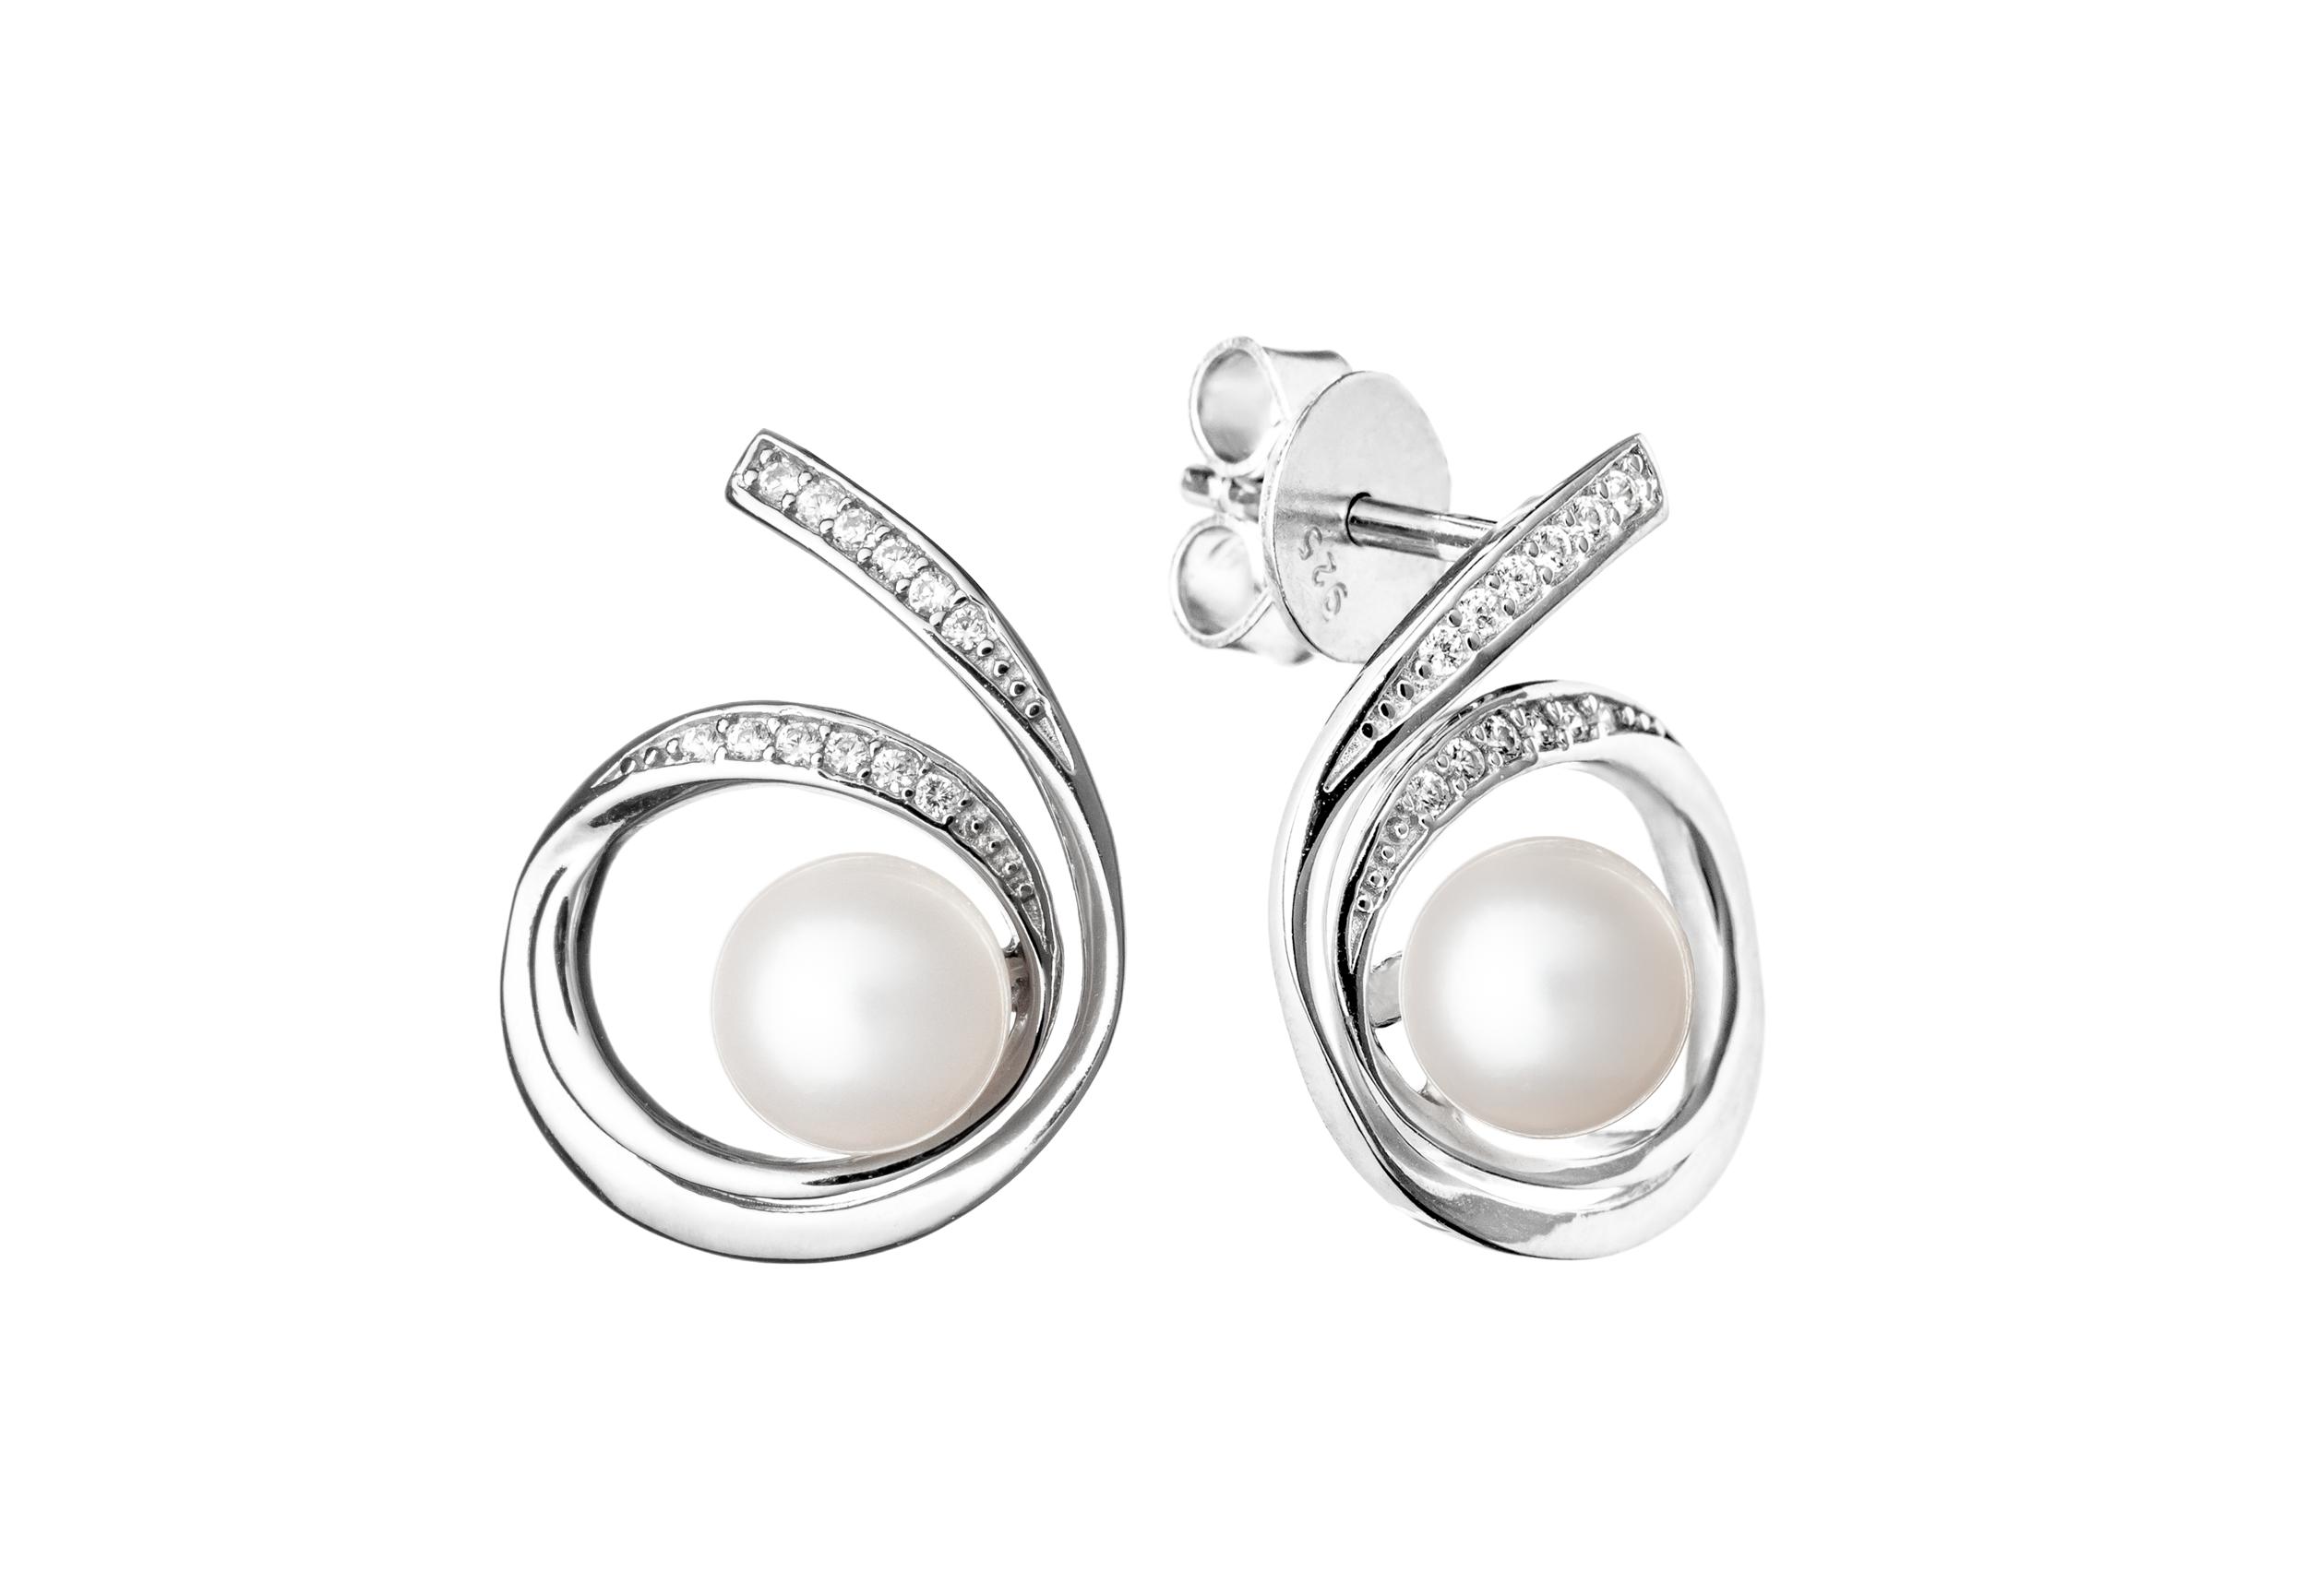 Šperky s pravými říčními perlami